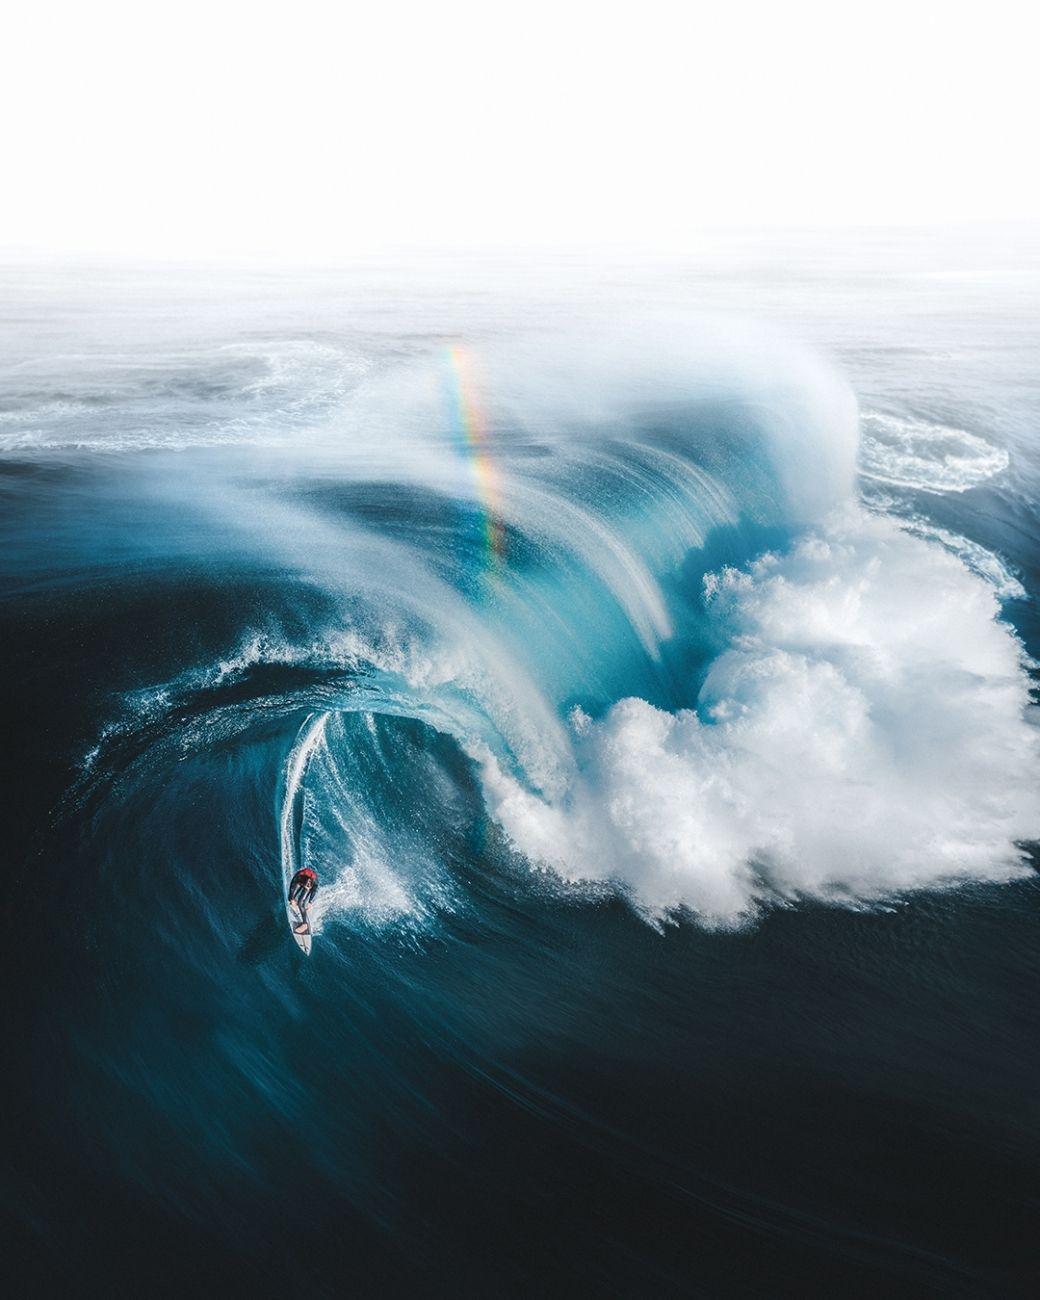 Zlato na konci duhy (Austrálie) - Vítěz kategorie Sport- Našel jsem zlato na konci duhy, když surfař Ollie Henry unikl obrovské vlně na pobřeží jihozápadní Austrálie, říká autor fotografie.